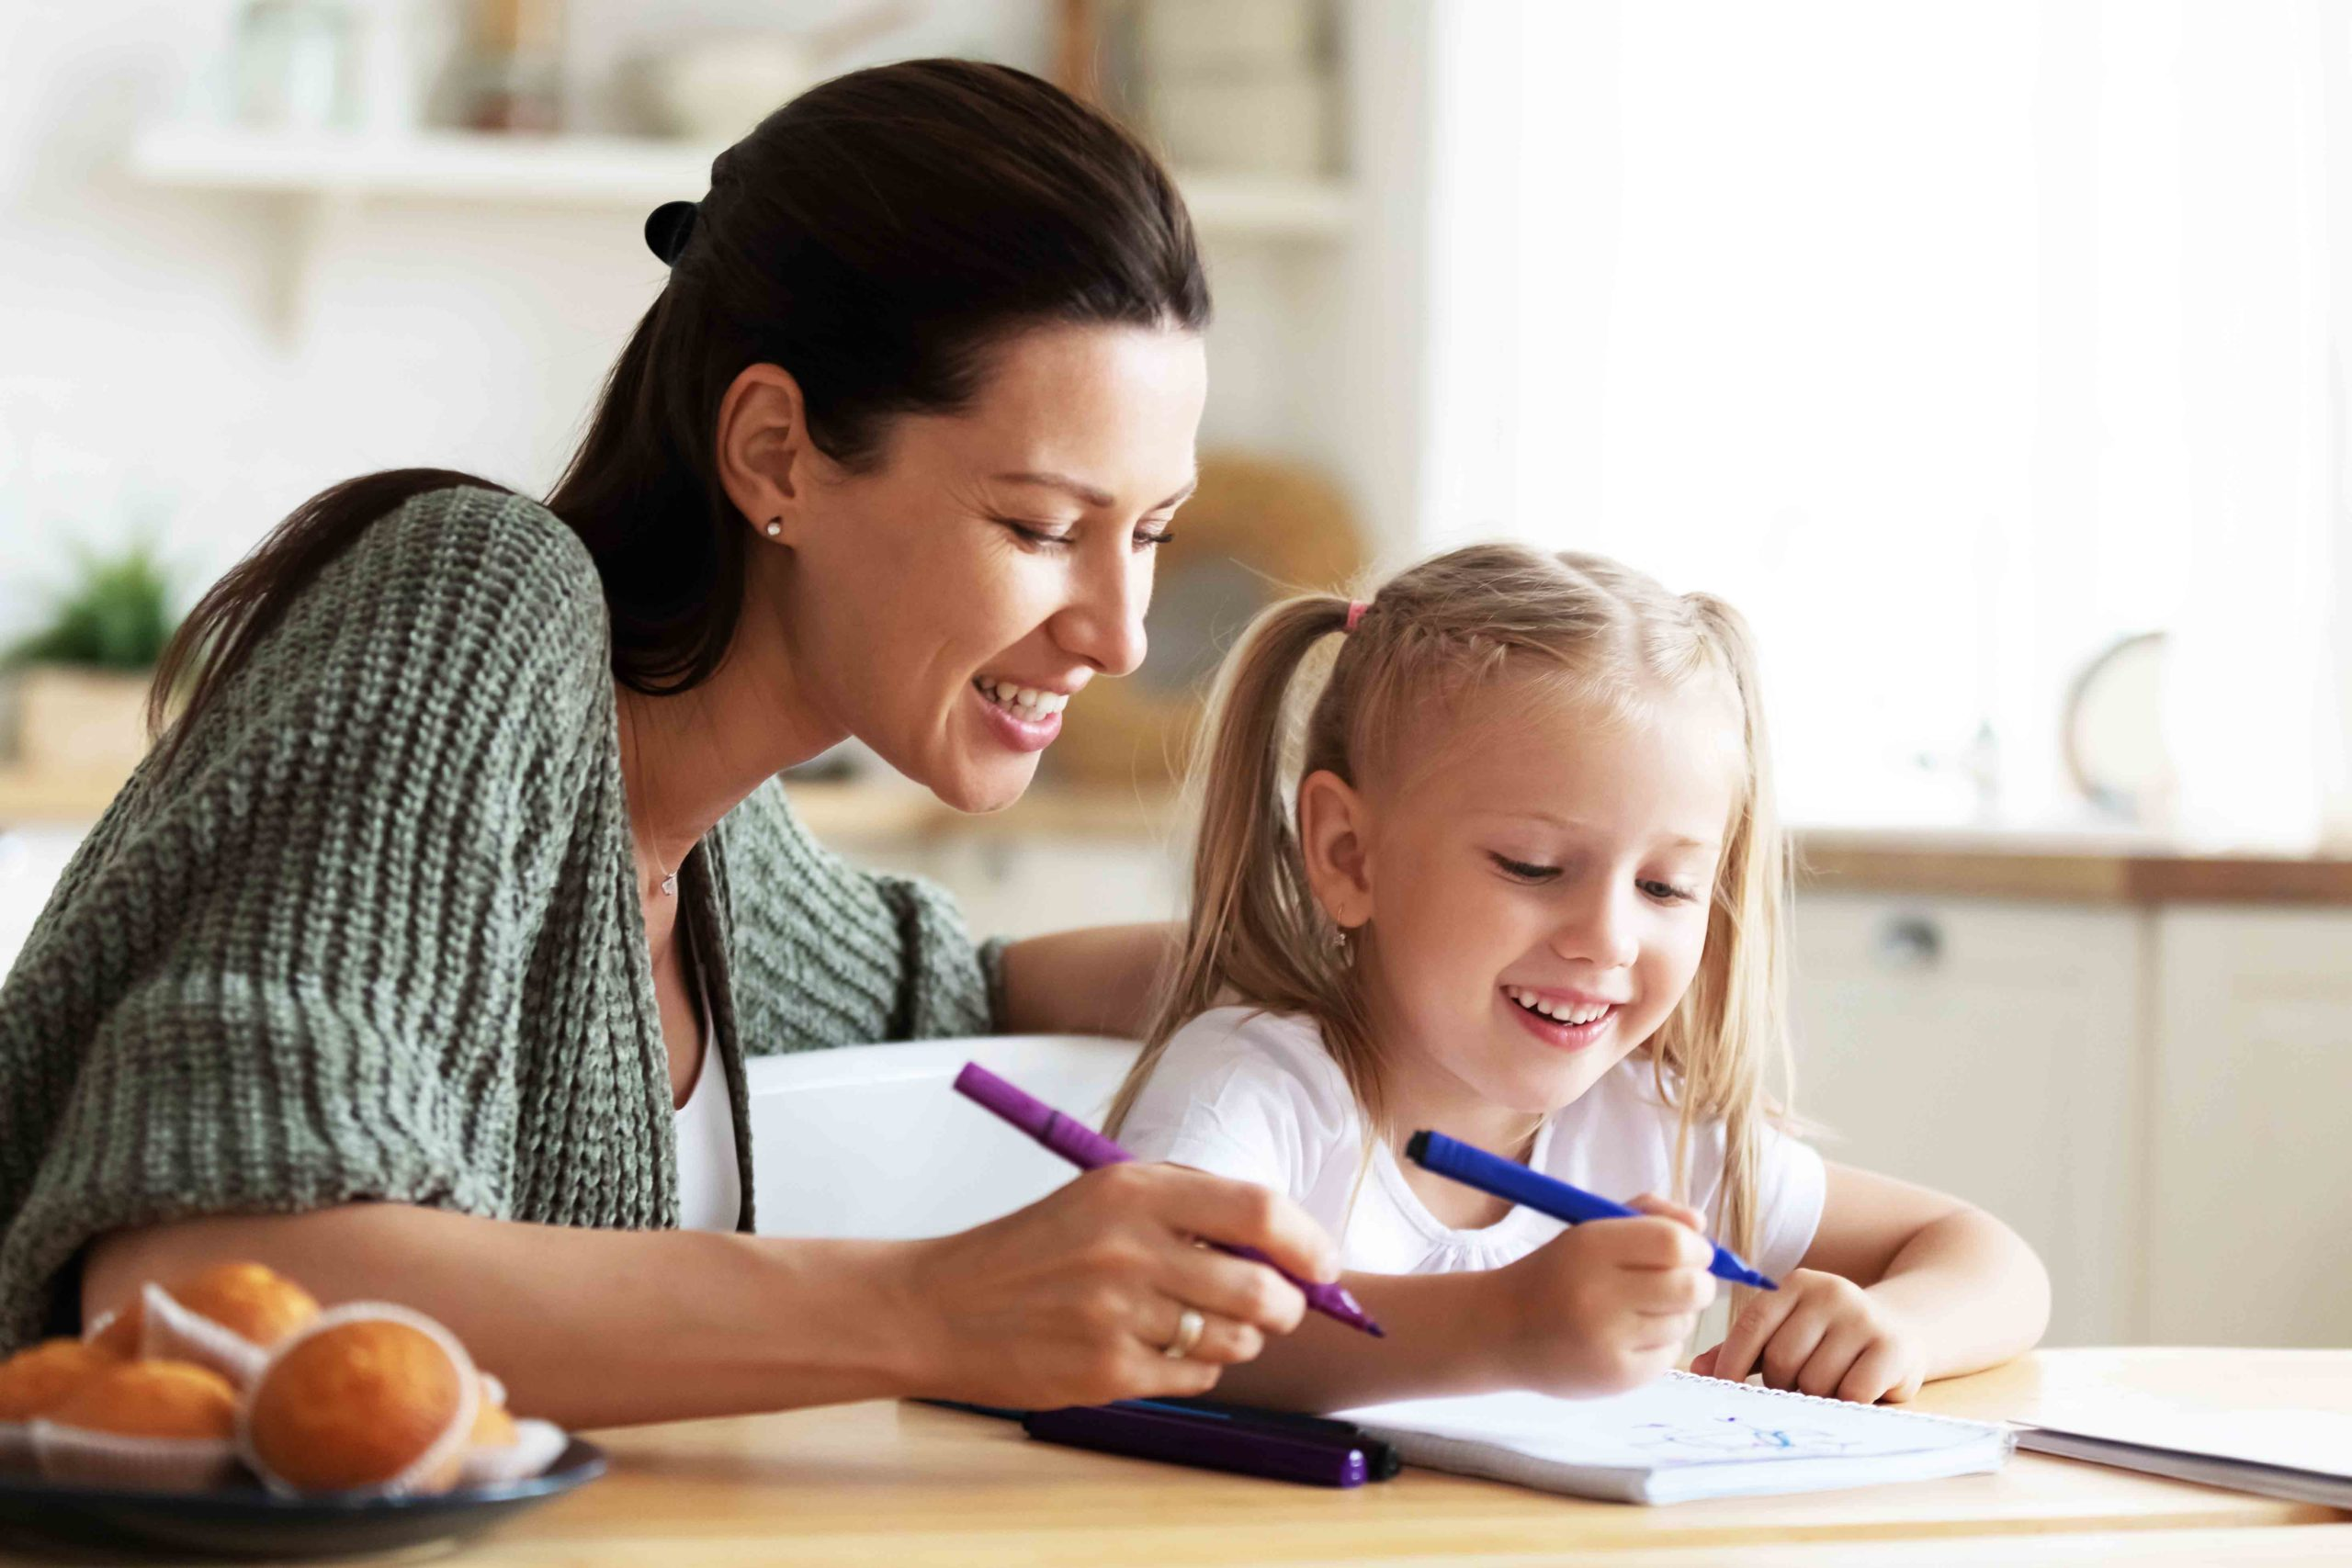 La escuela en casa, ideas para aprender durante el coronavirus - FANFAN